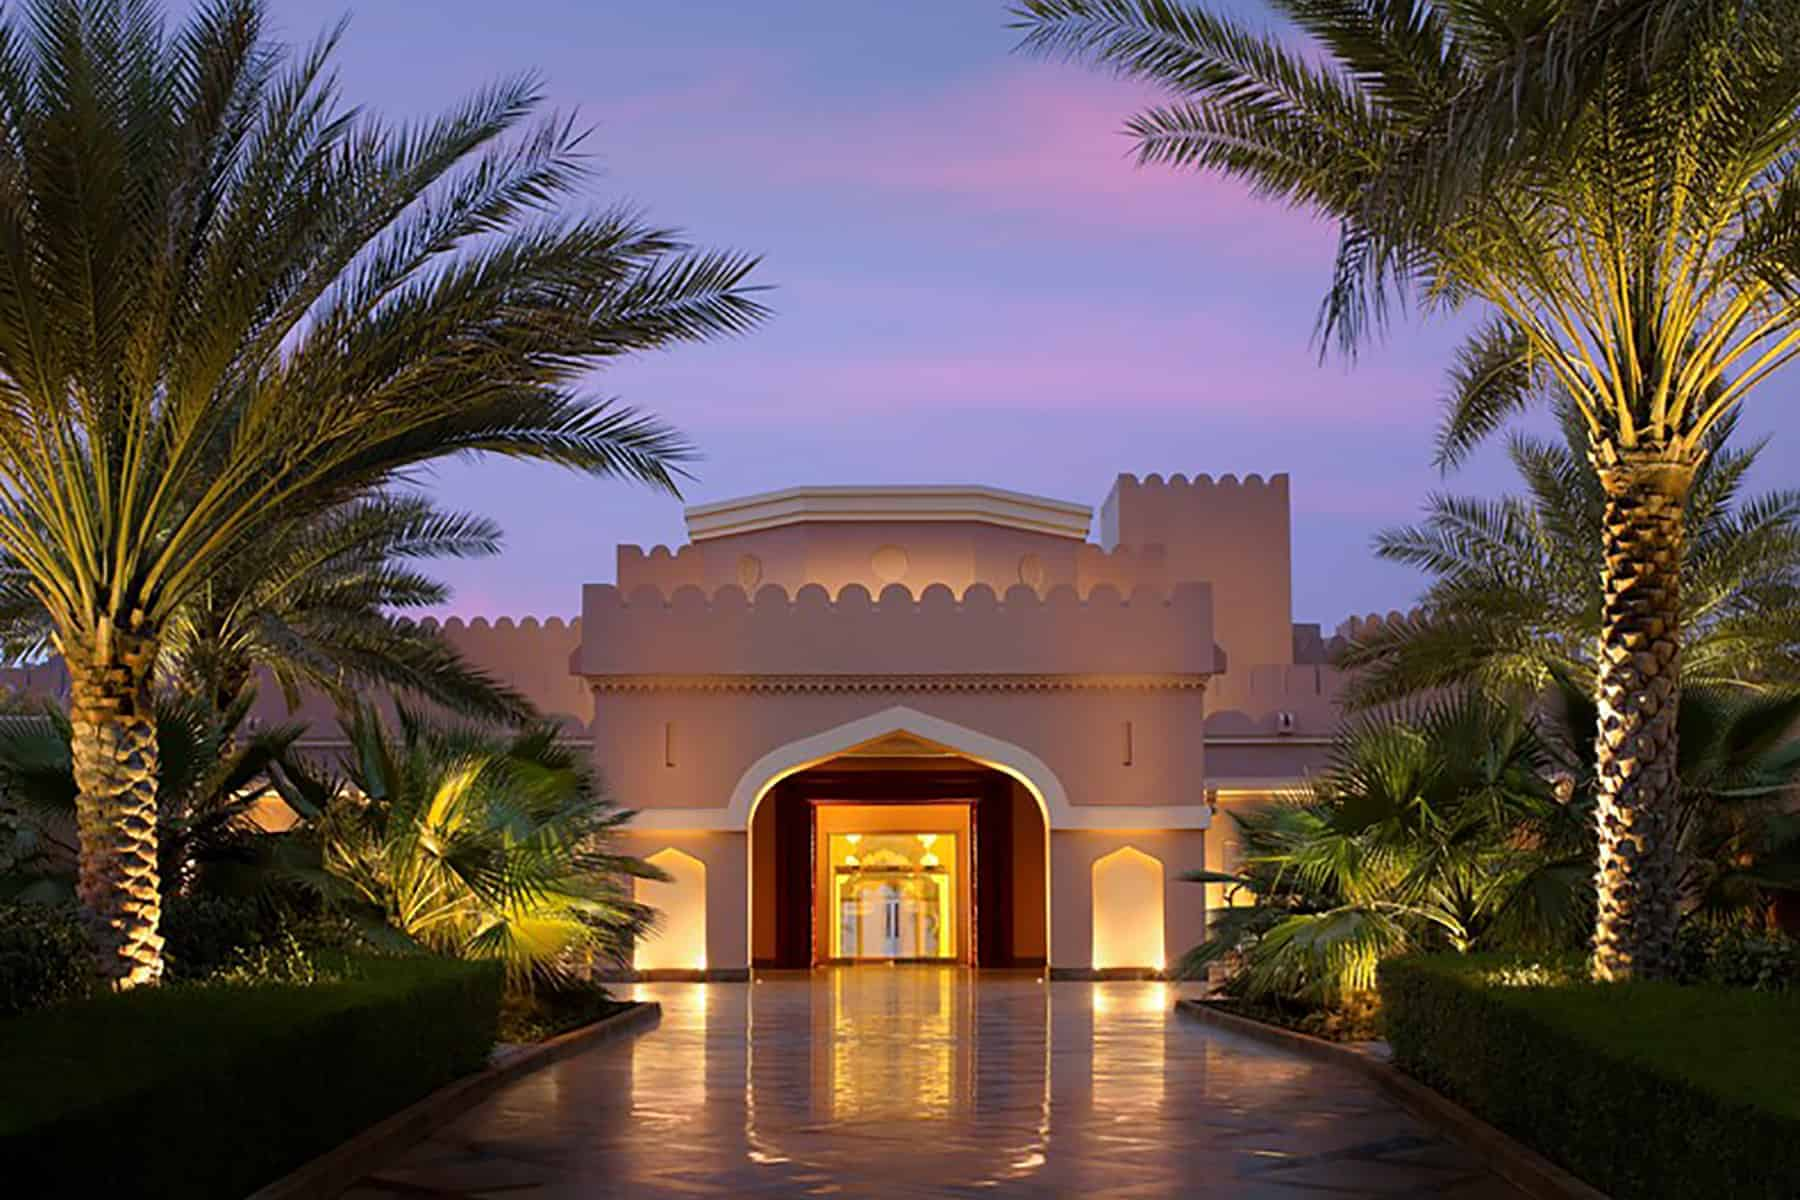 Resor-till-Oman7-med-hotell-Al-Husn-Resort-and-Spa-hos-Nygren-Lind-Resebyrå